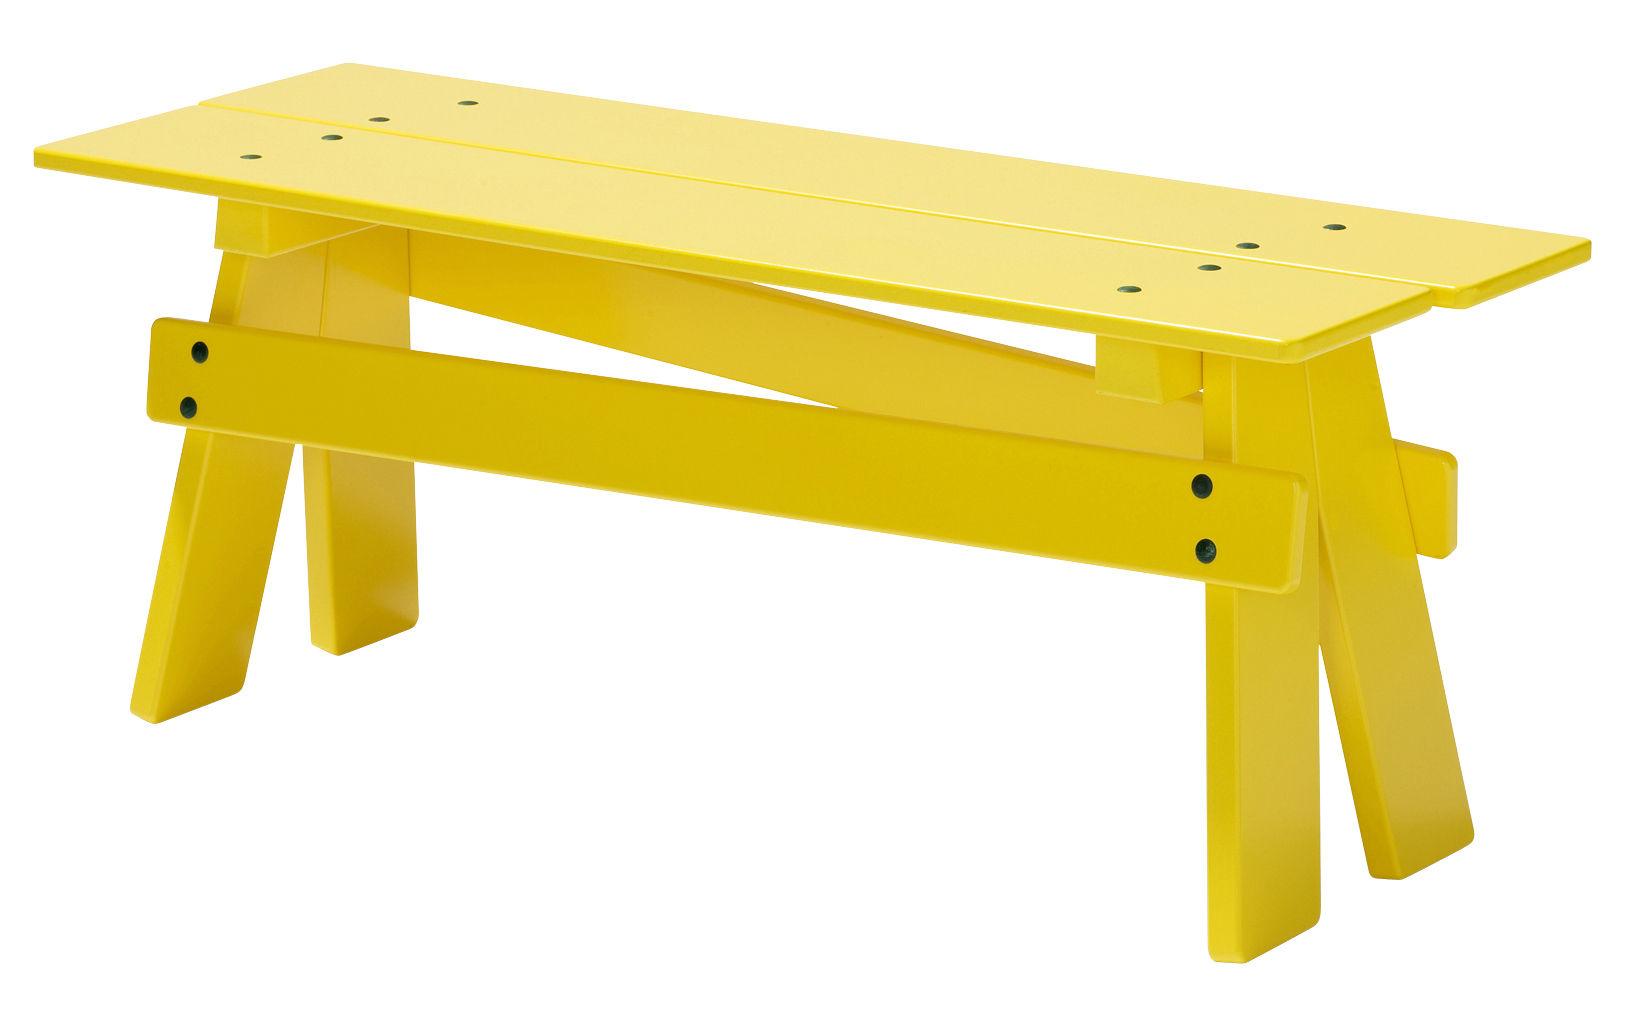 banc enfant play l 83 cm bois jaune normann copenhagen. Black Bedroom Furniture Sets. Home Design Ideas